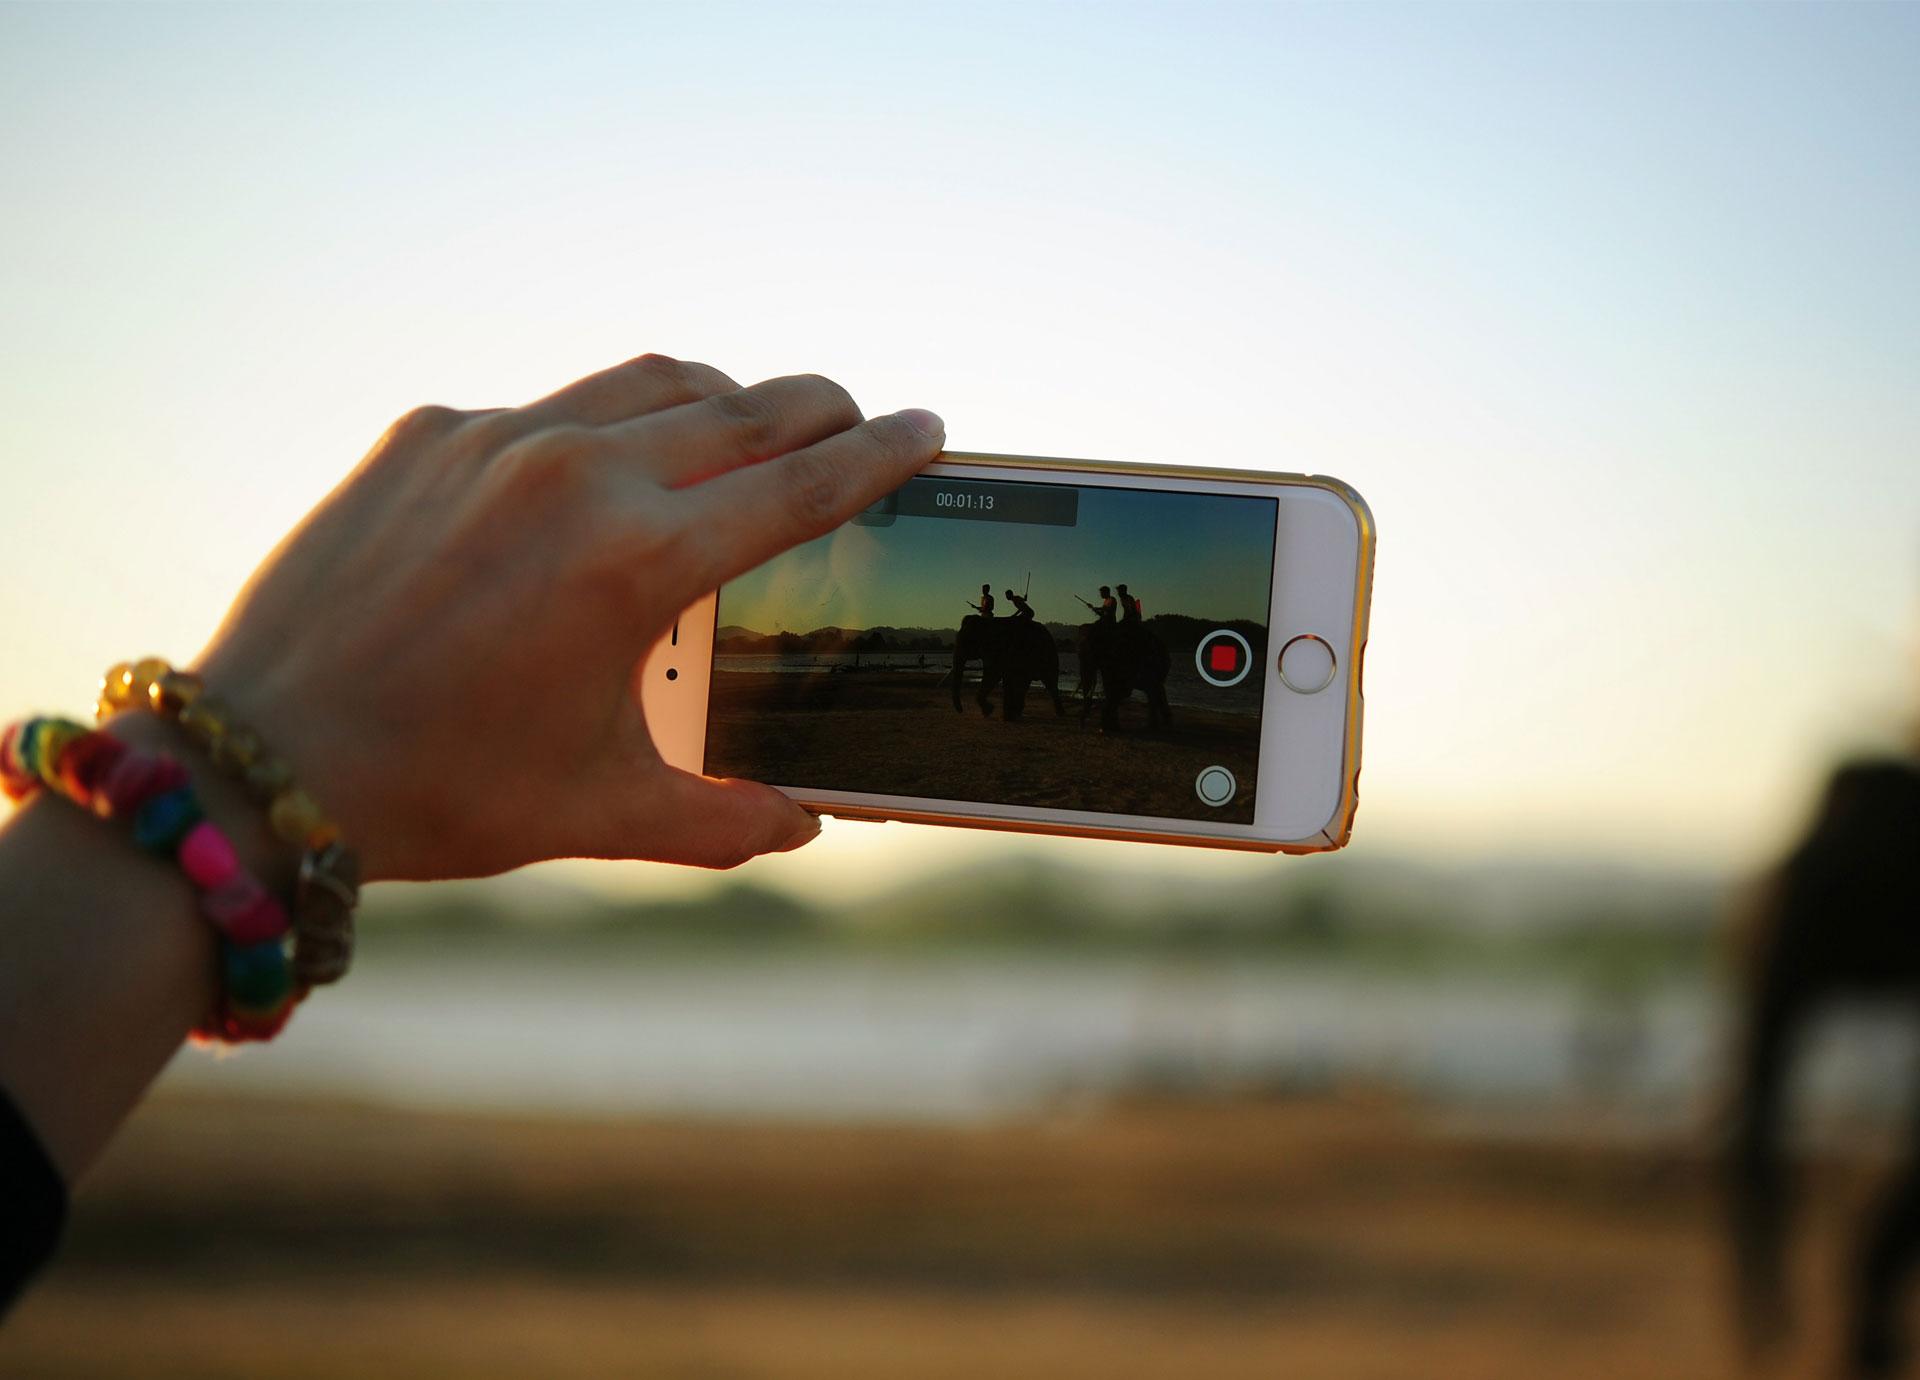 Sigue mi vida en directo: el arriesgado y lucrativo negocio de retransmitir tu día a día por internet